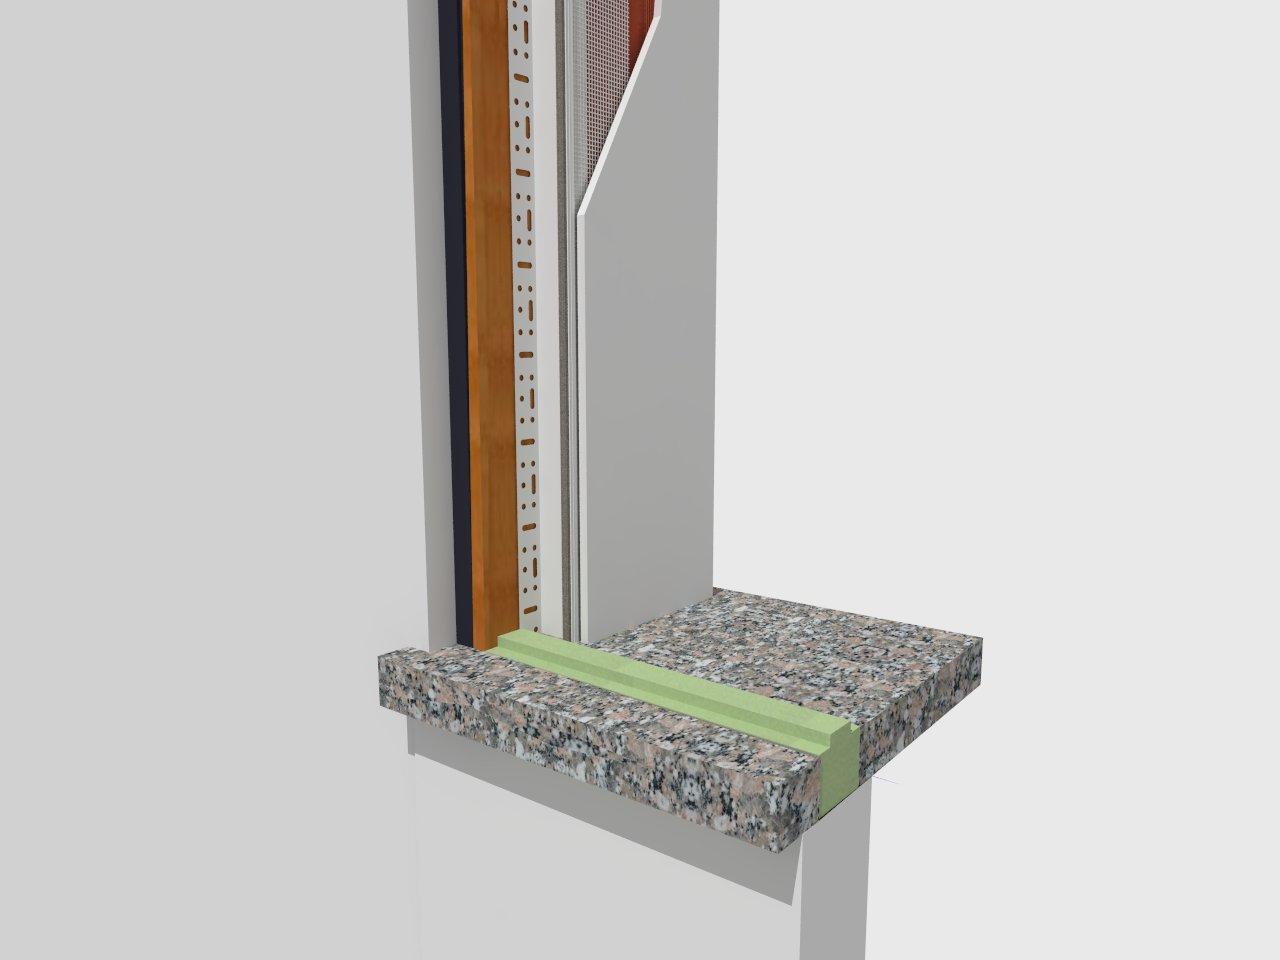 Controtelai in legno e pvc prestazioni termiche elevate for Uniform sistemi per serramenti